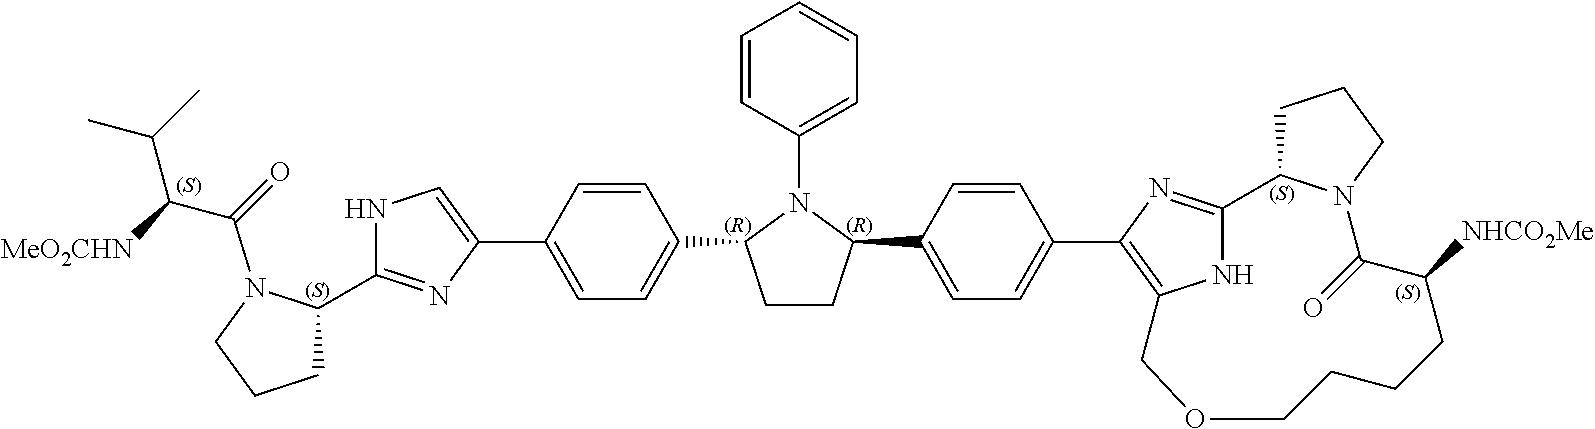 Figure US08933110-20150113-C00396